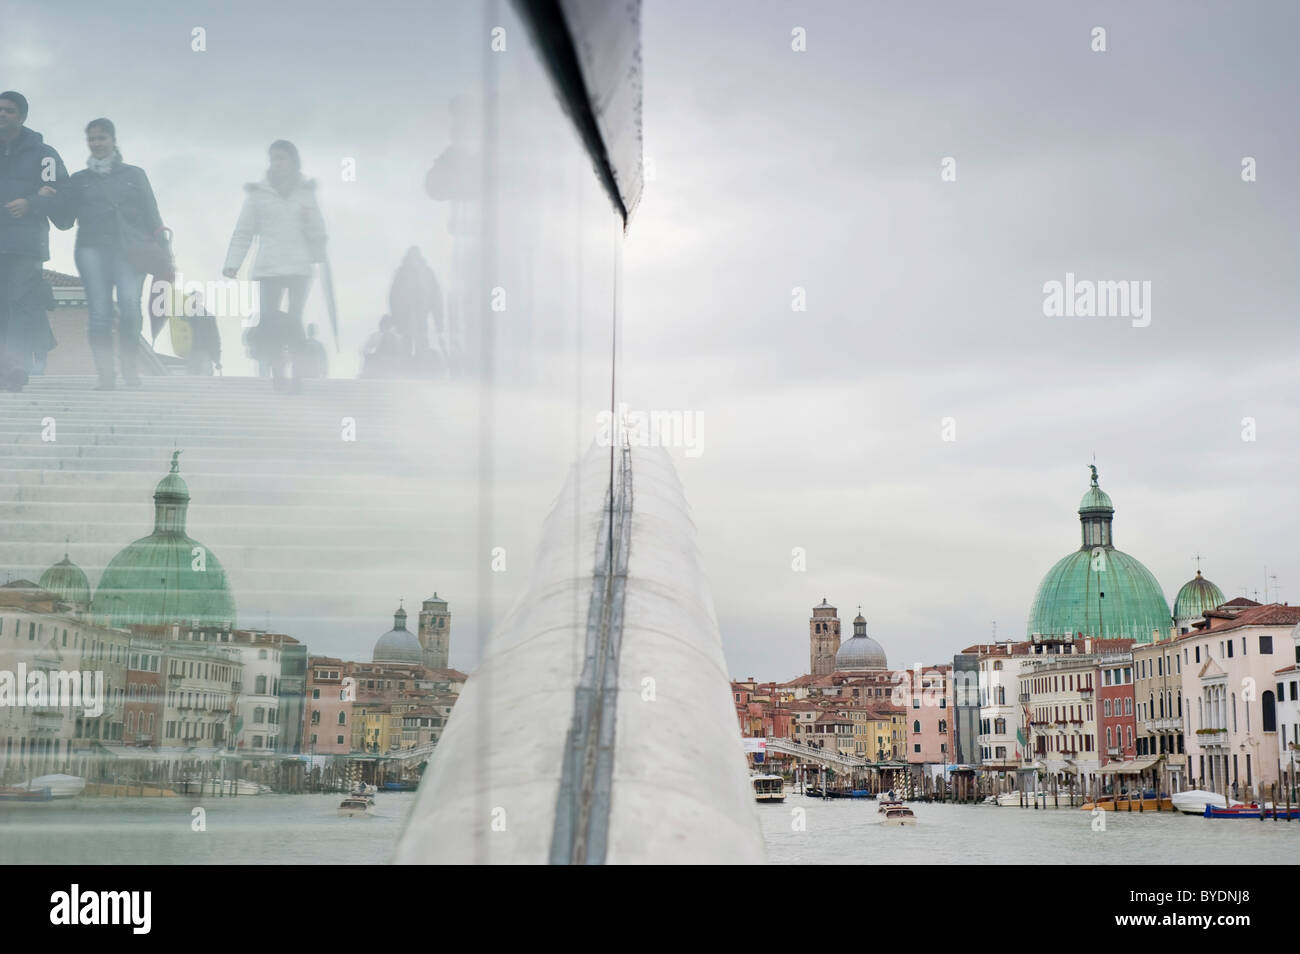 El moderno puente de Calatrava sobre el Gran Canal de Venecia, Véneto, Italia, Europa Imagen De Stock